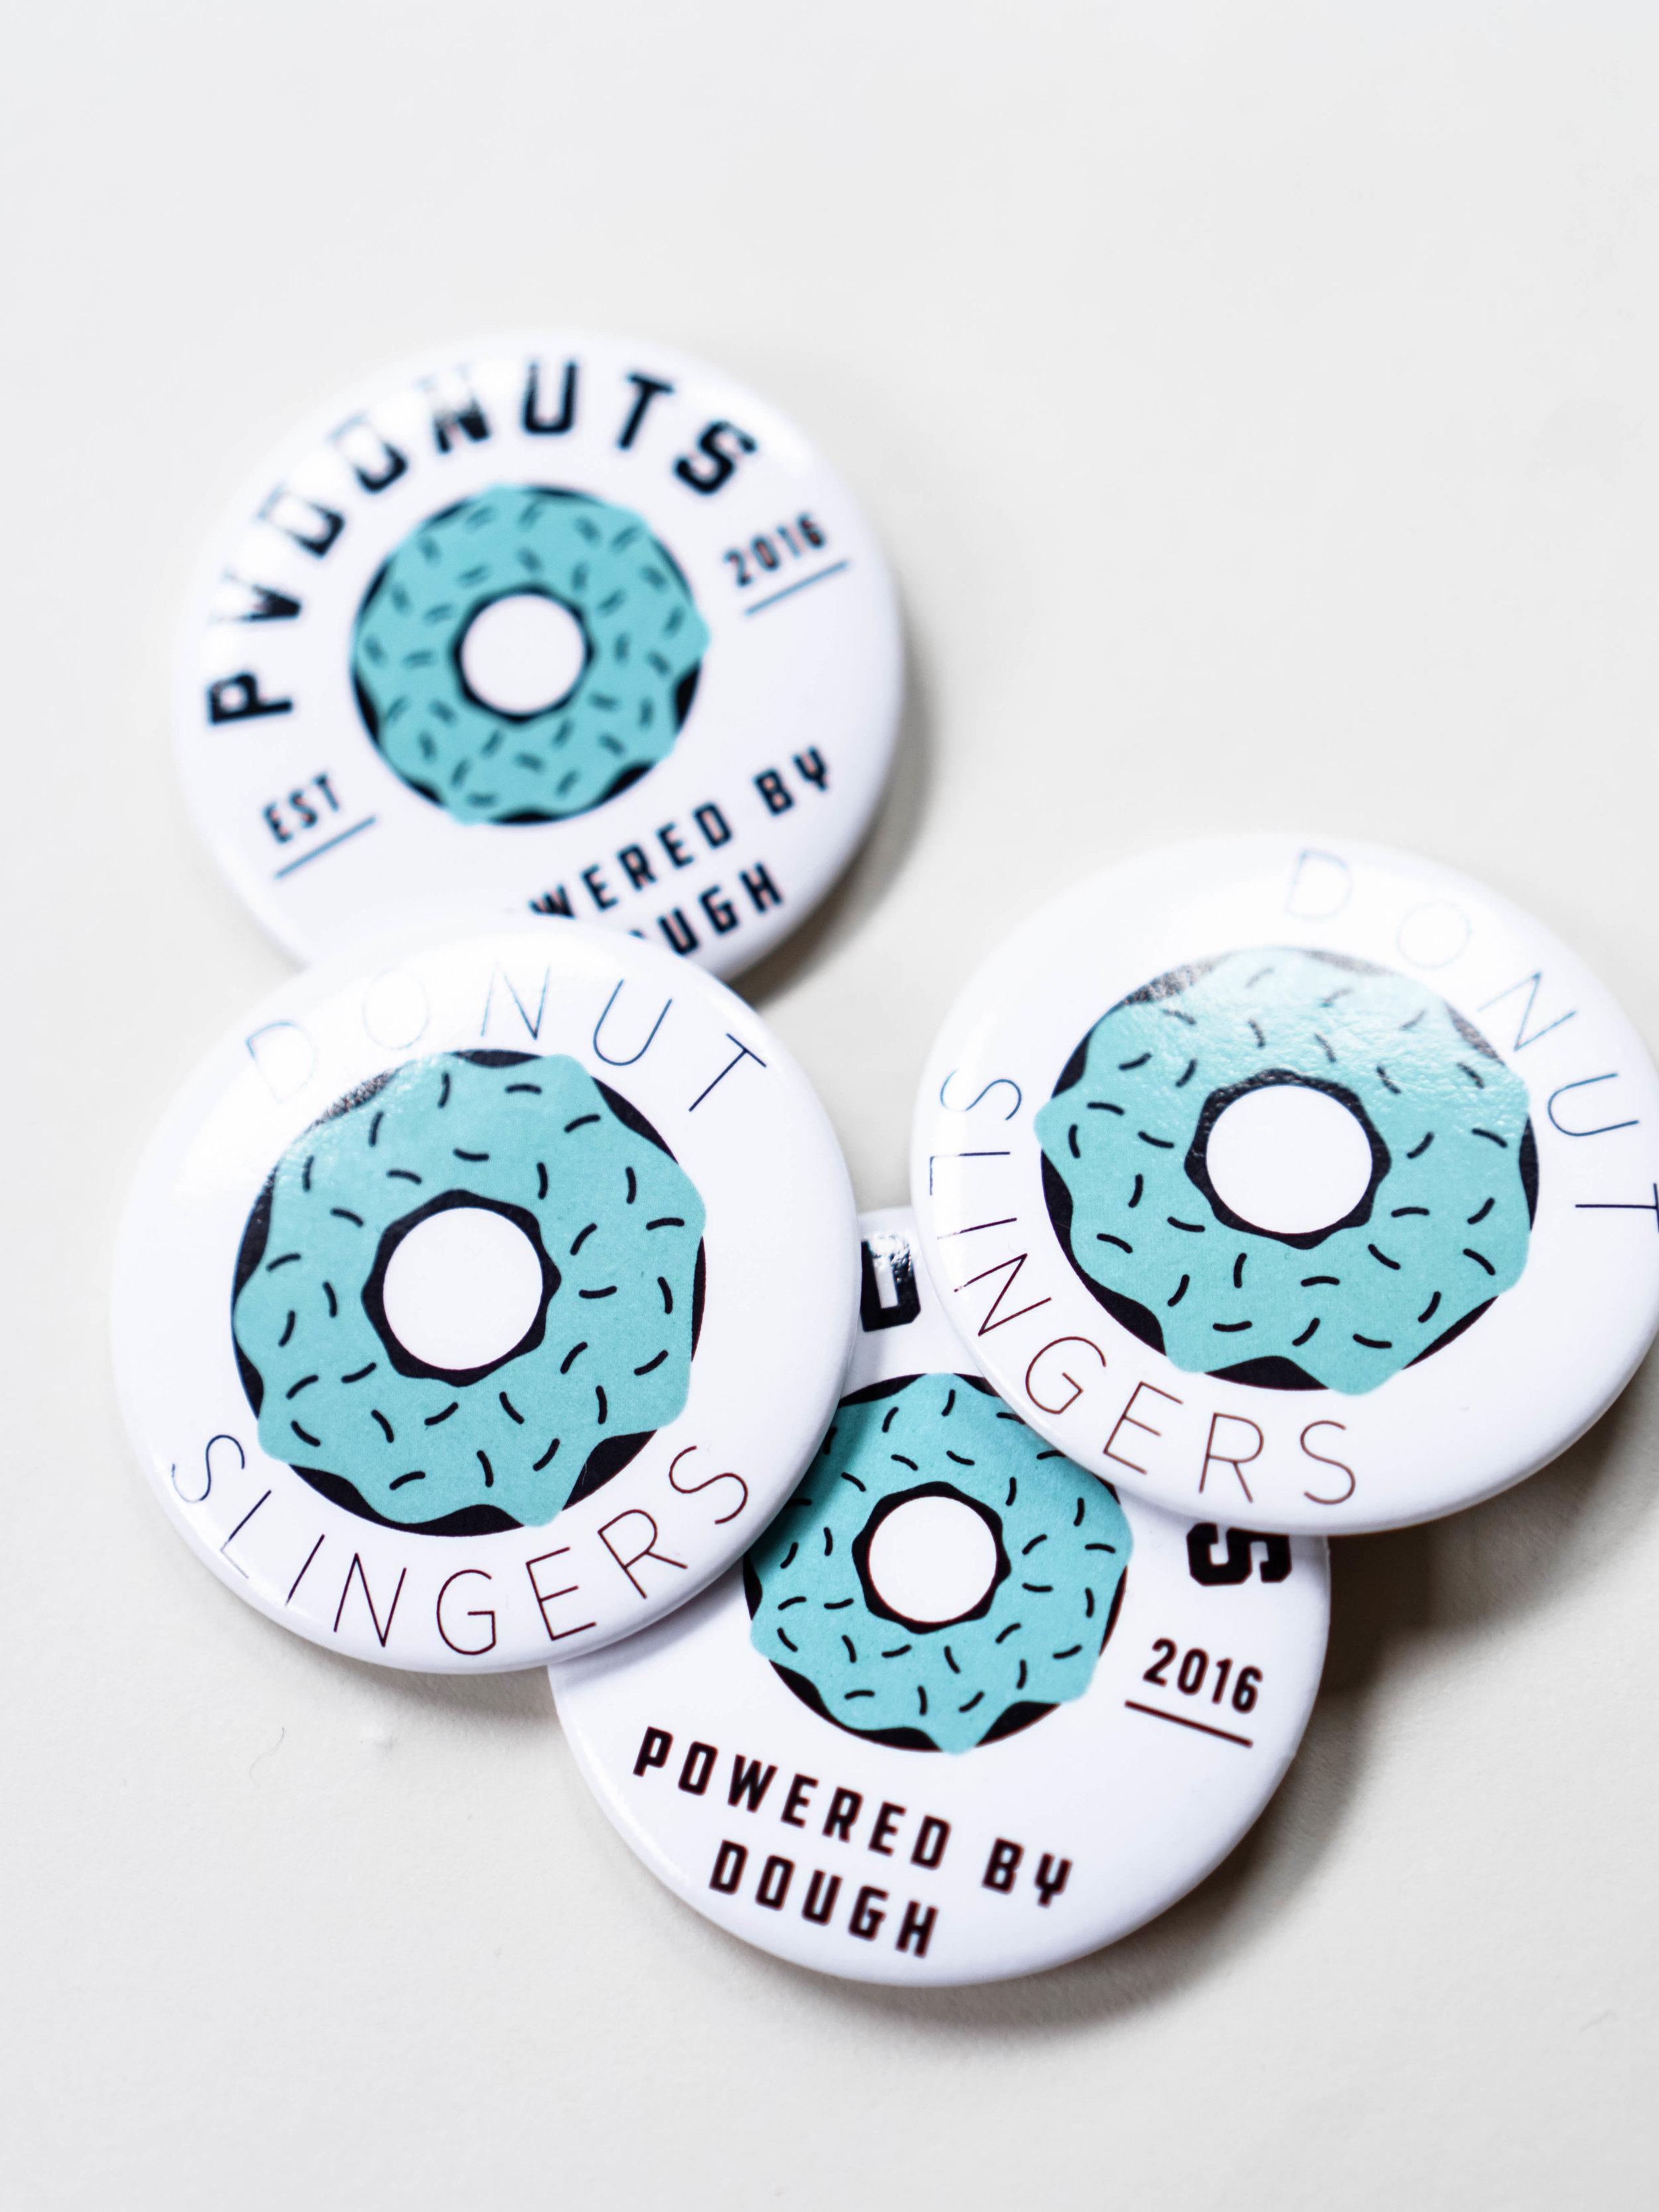 Buttons - $1 each